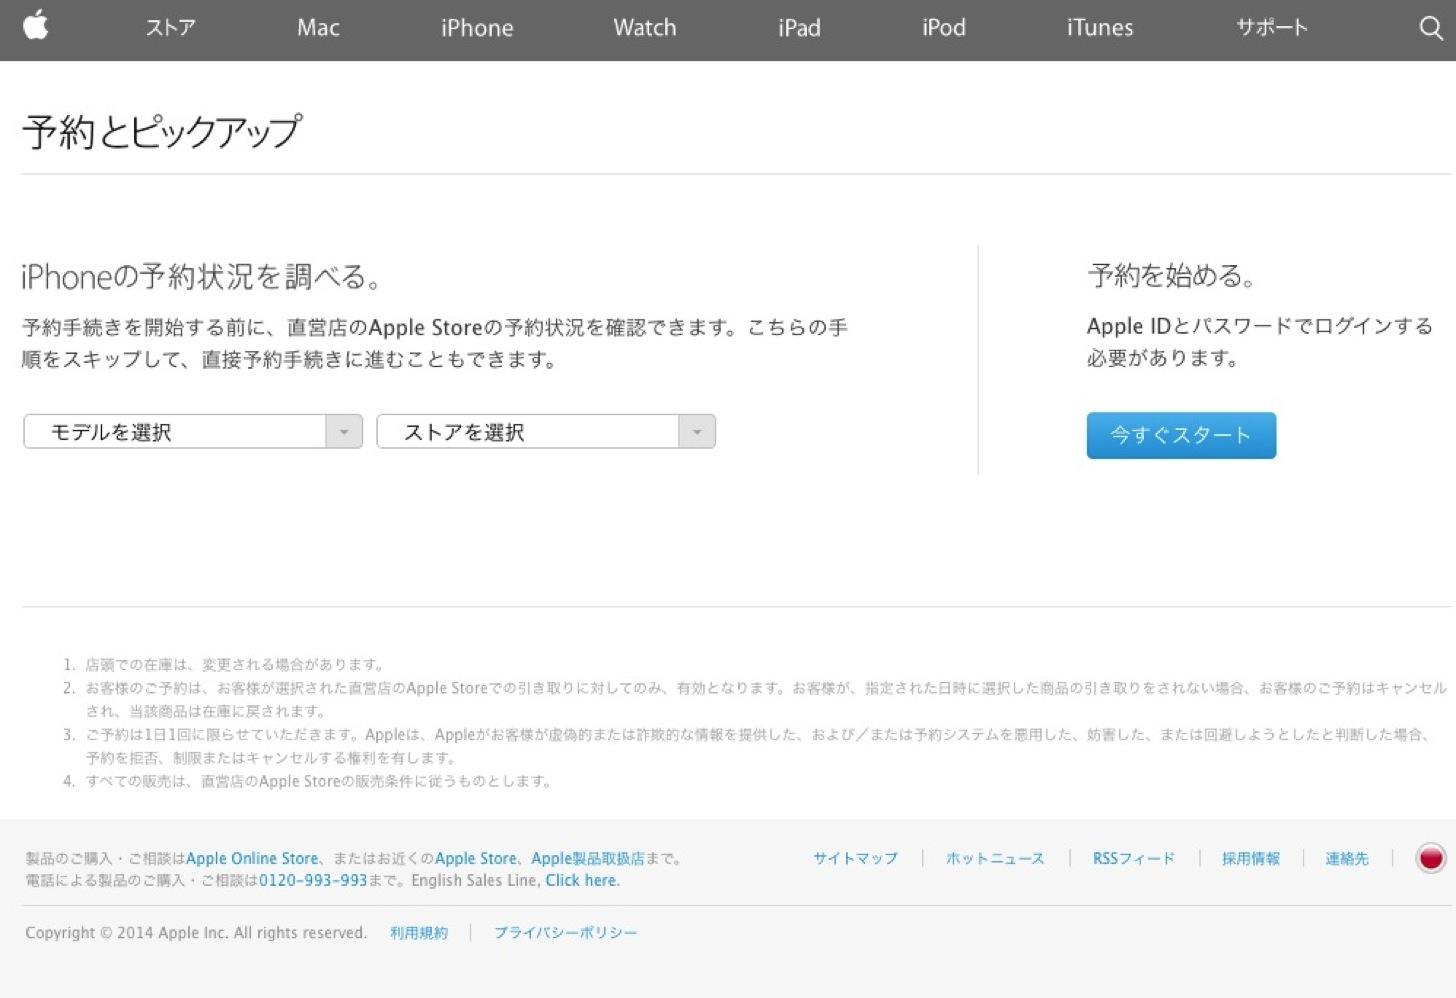 【iPhone 6 / iPhone 6 Plus】SIMフリー予約したいけどApple Storeに繋がらない人はここからアクセスすればいけるかも!